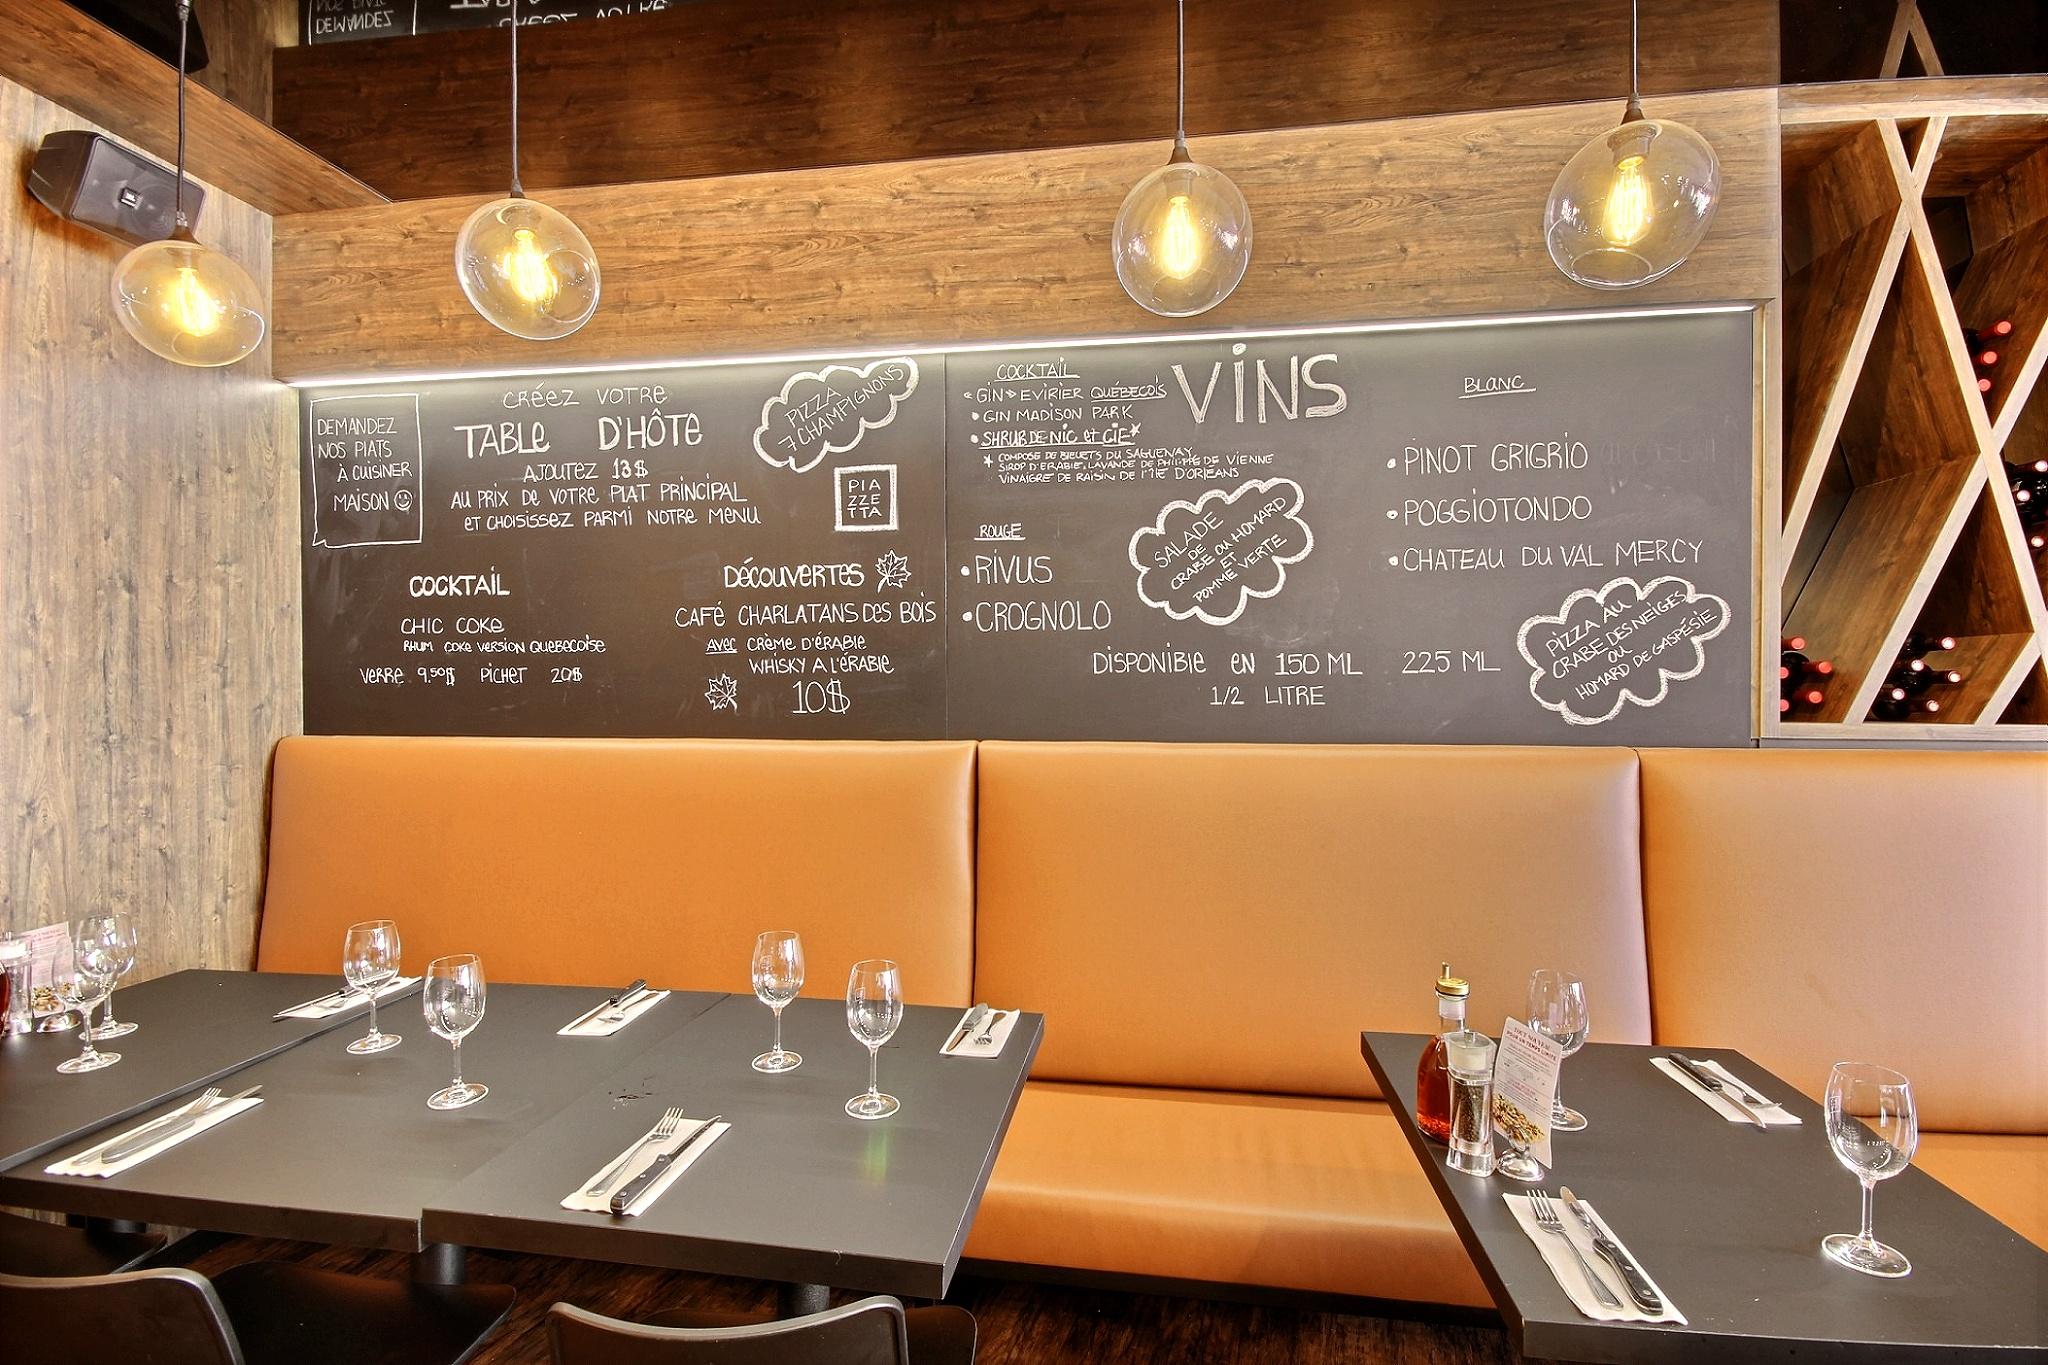 Designer Québec salle restaurant Piazzetta du vieux-port